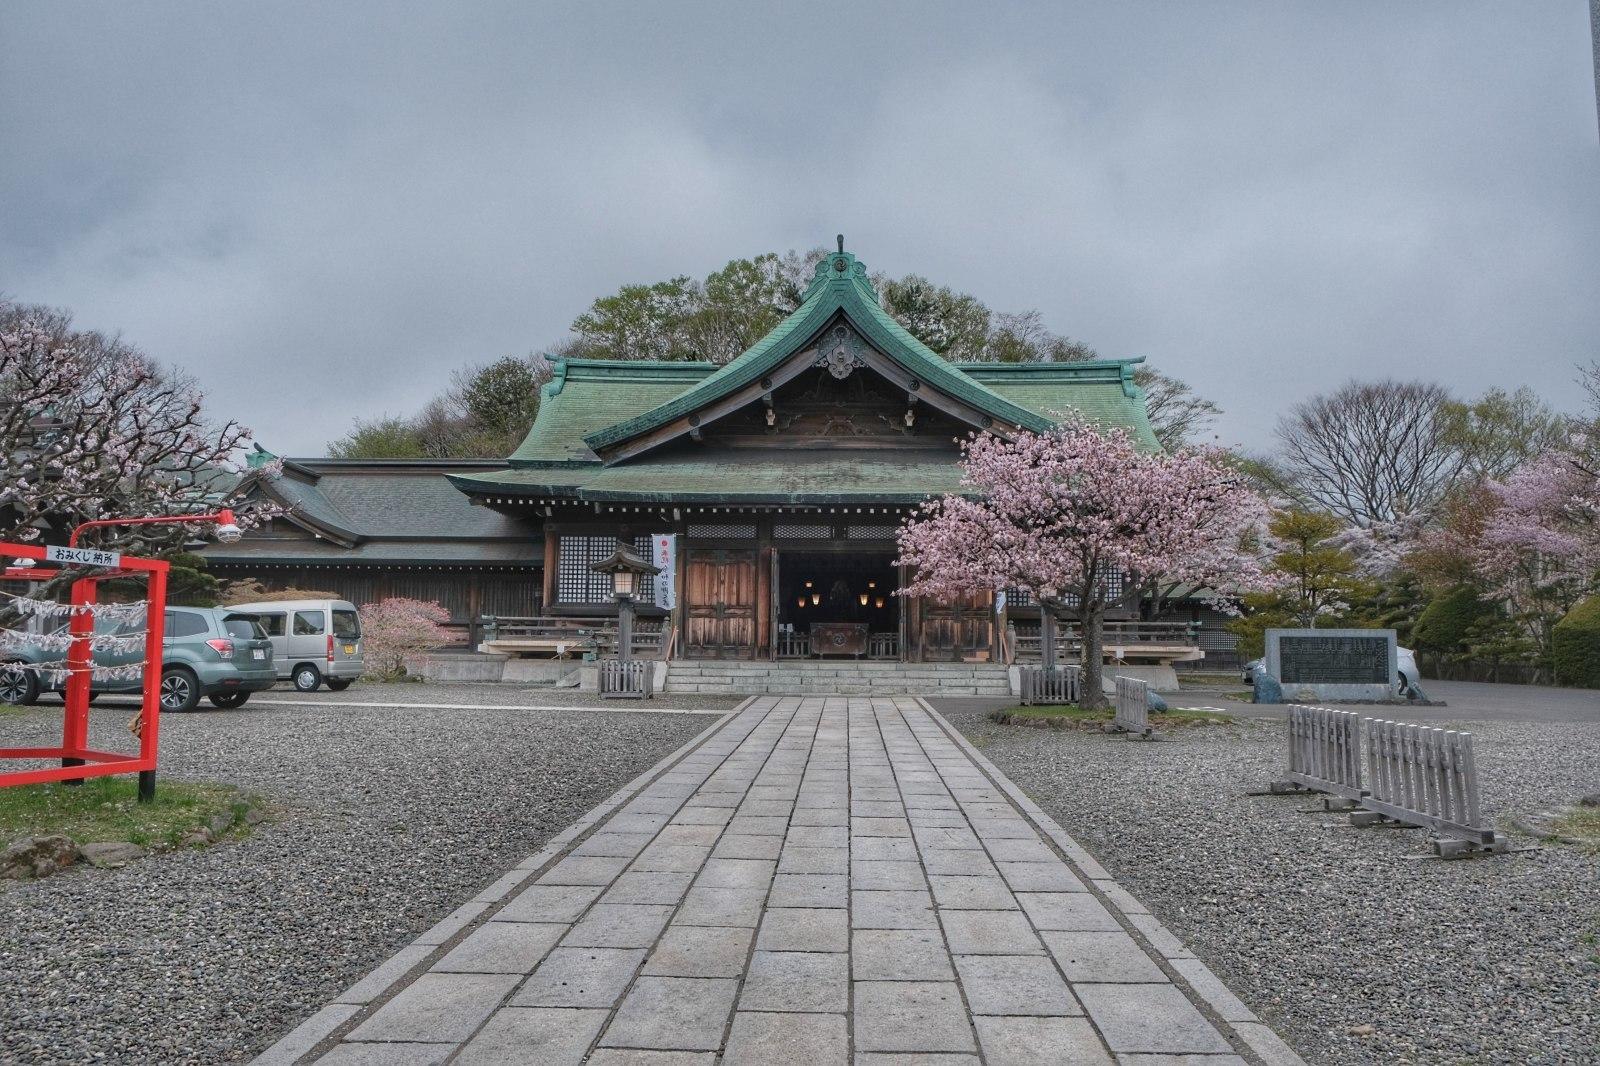 GW帰省8 ~ 室蘭みたら、室蘭八幡宮、視界ゼロの測量山、札幌に住むのありかも~_b0024832_01330507.jpg